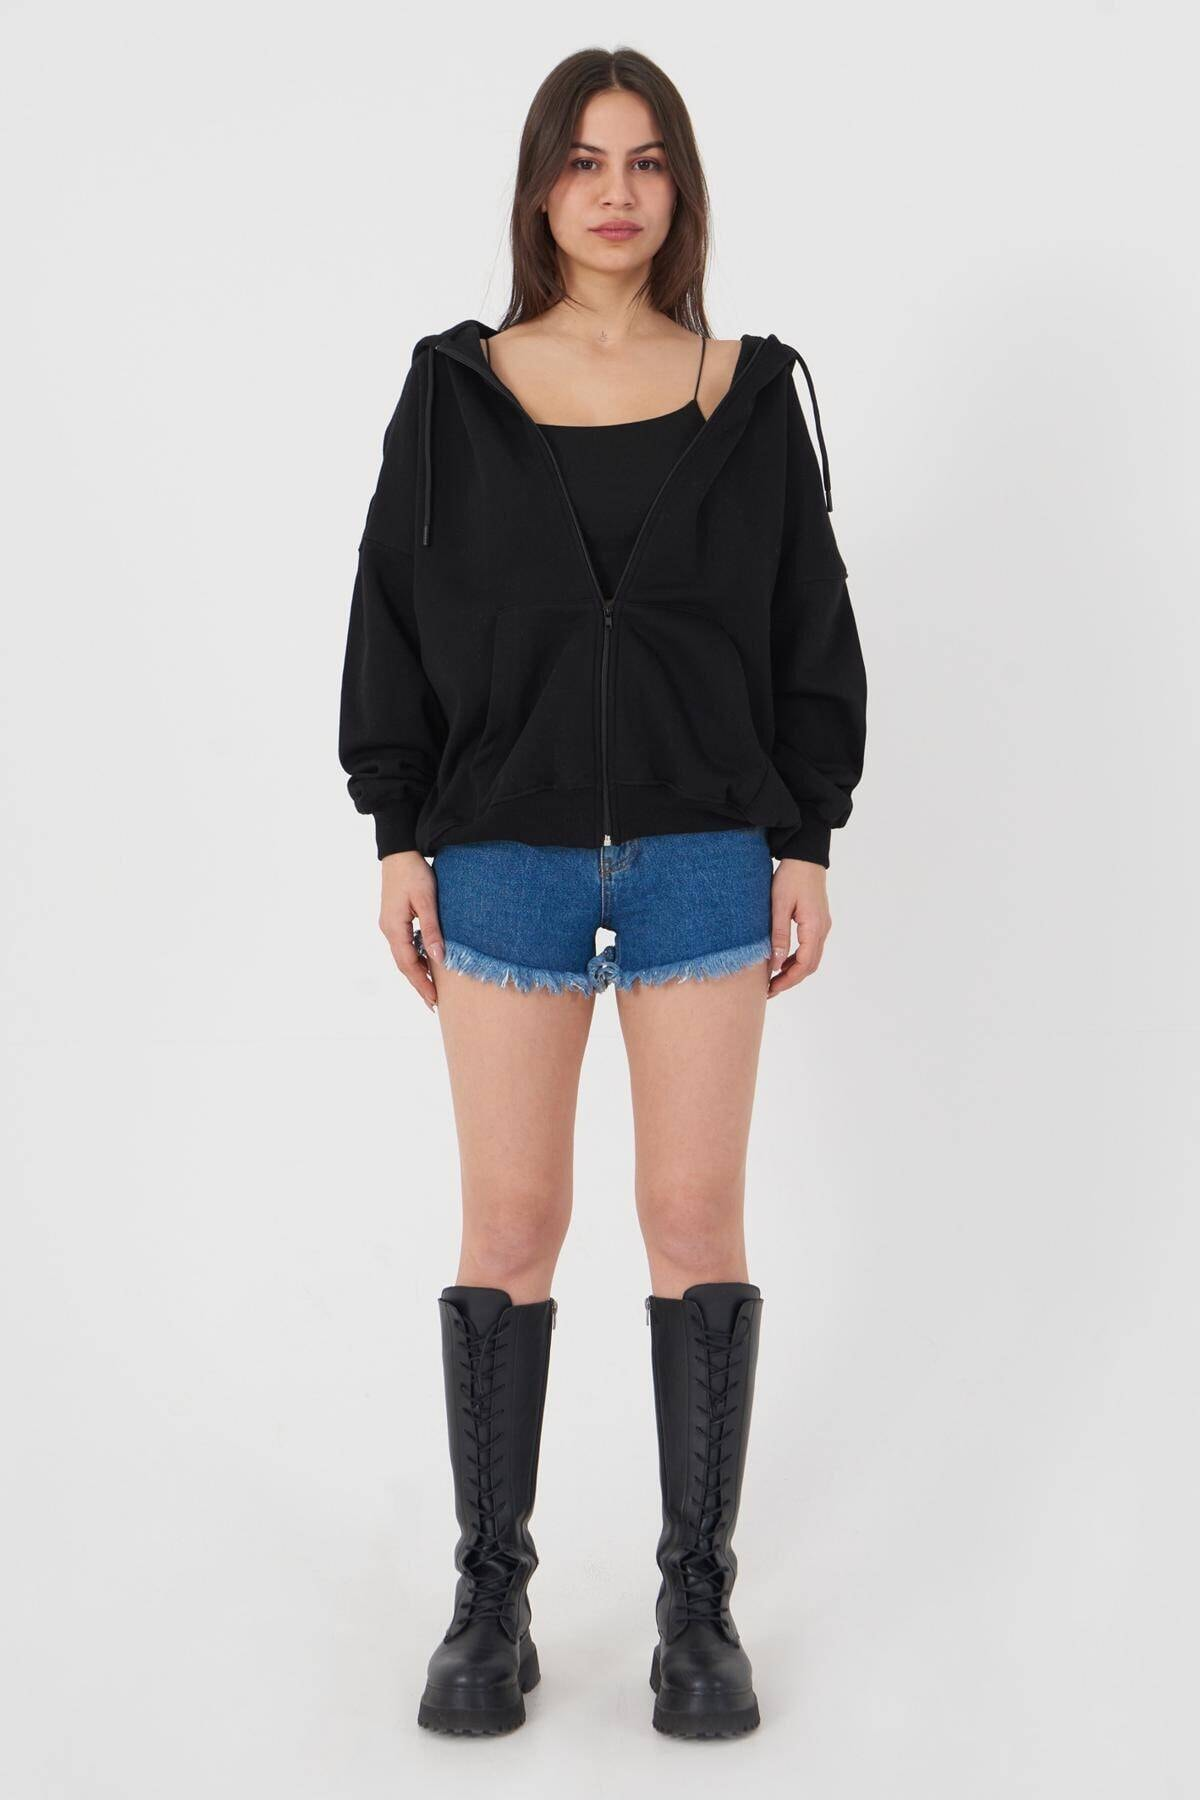 Addax Kadın Siyah Kapüşonlu Uzun Hırka H0725 - W6 - W7 ADX-0000020316 3